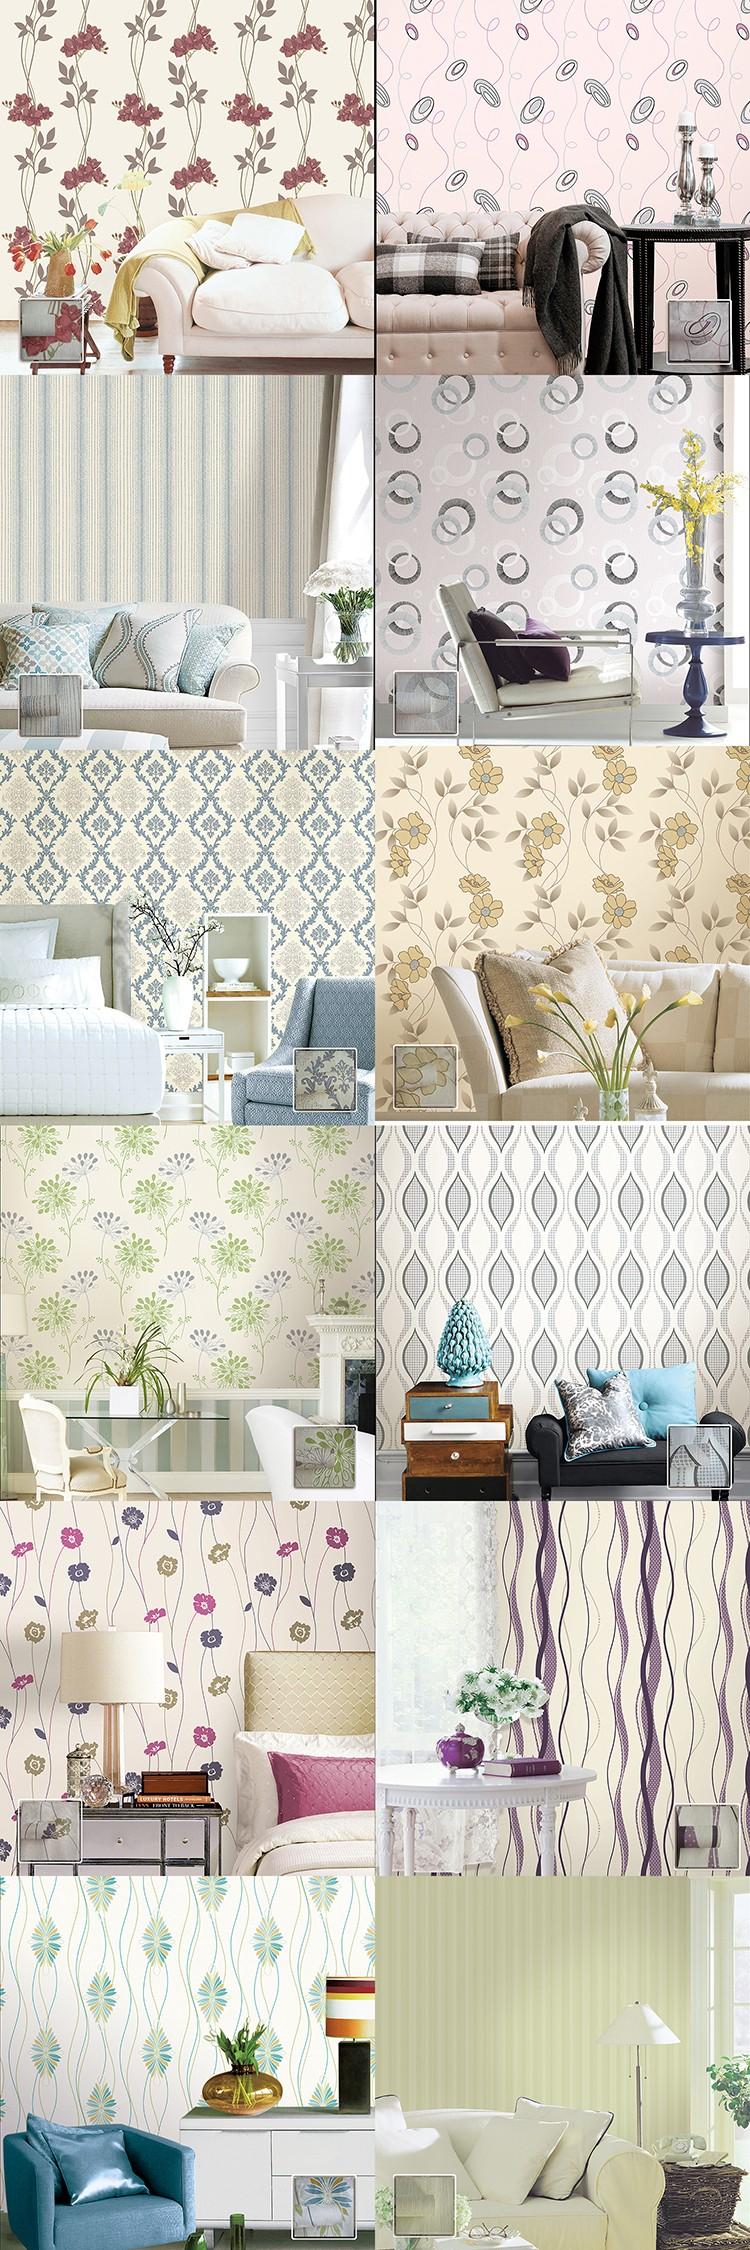 Roman Liburan Terbaru Desain Kustom Gaya Wallpaper Dinding Cafe